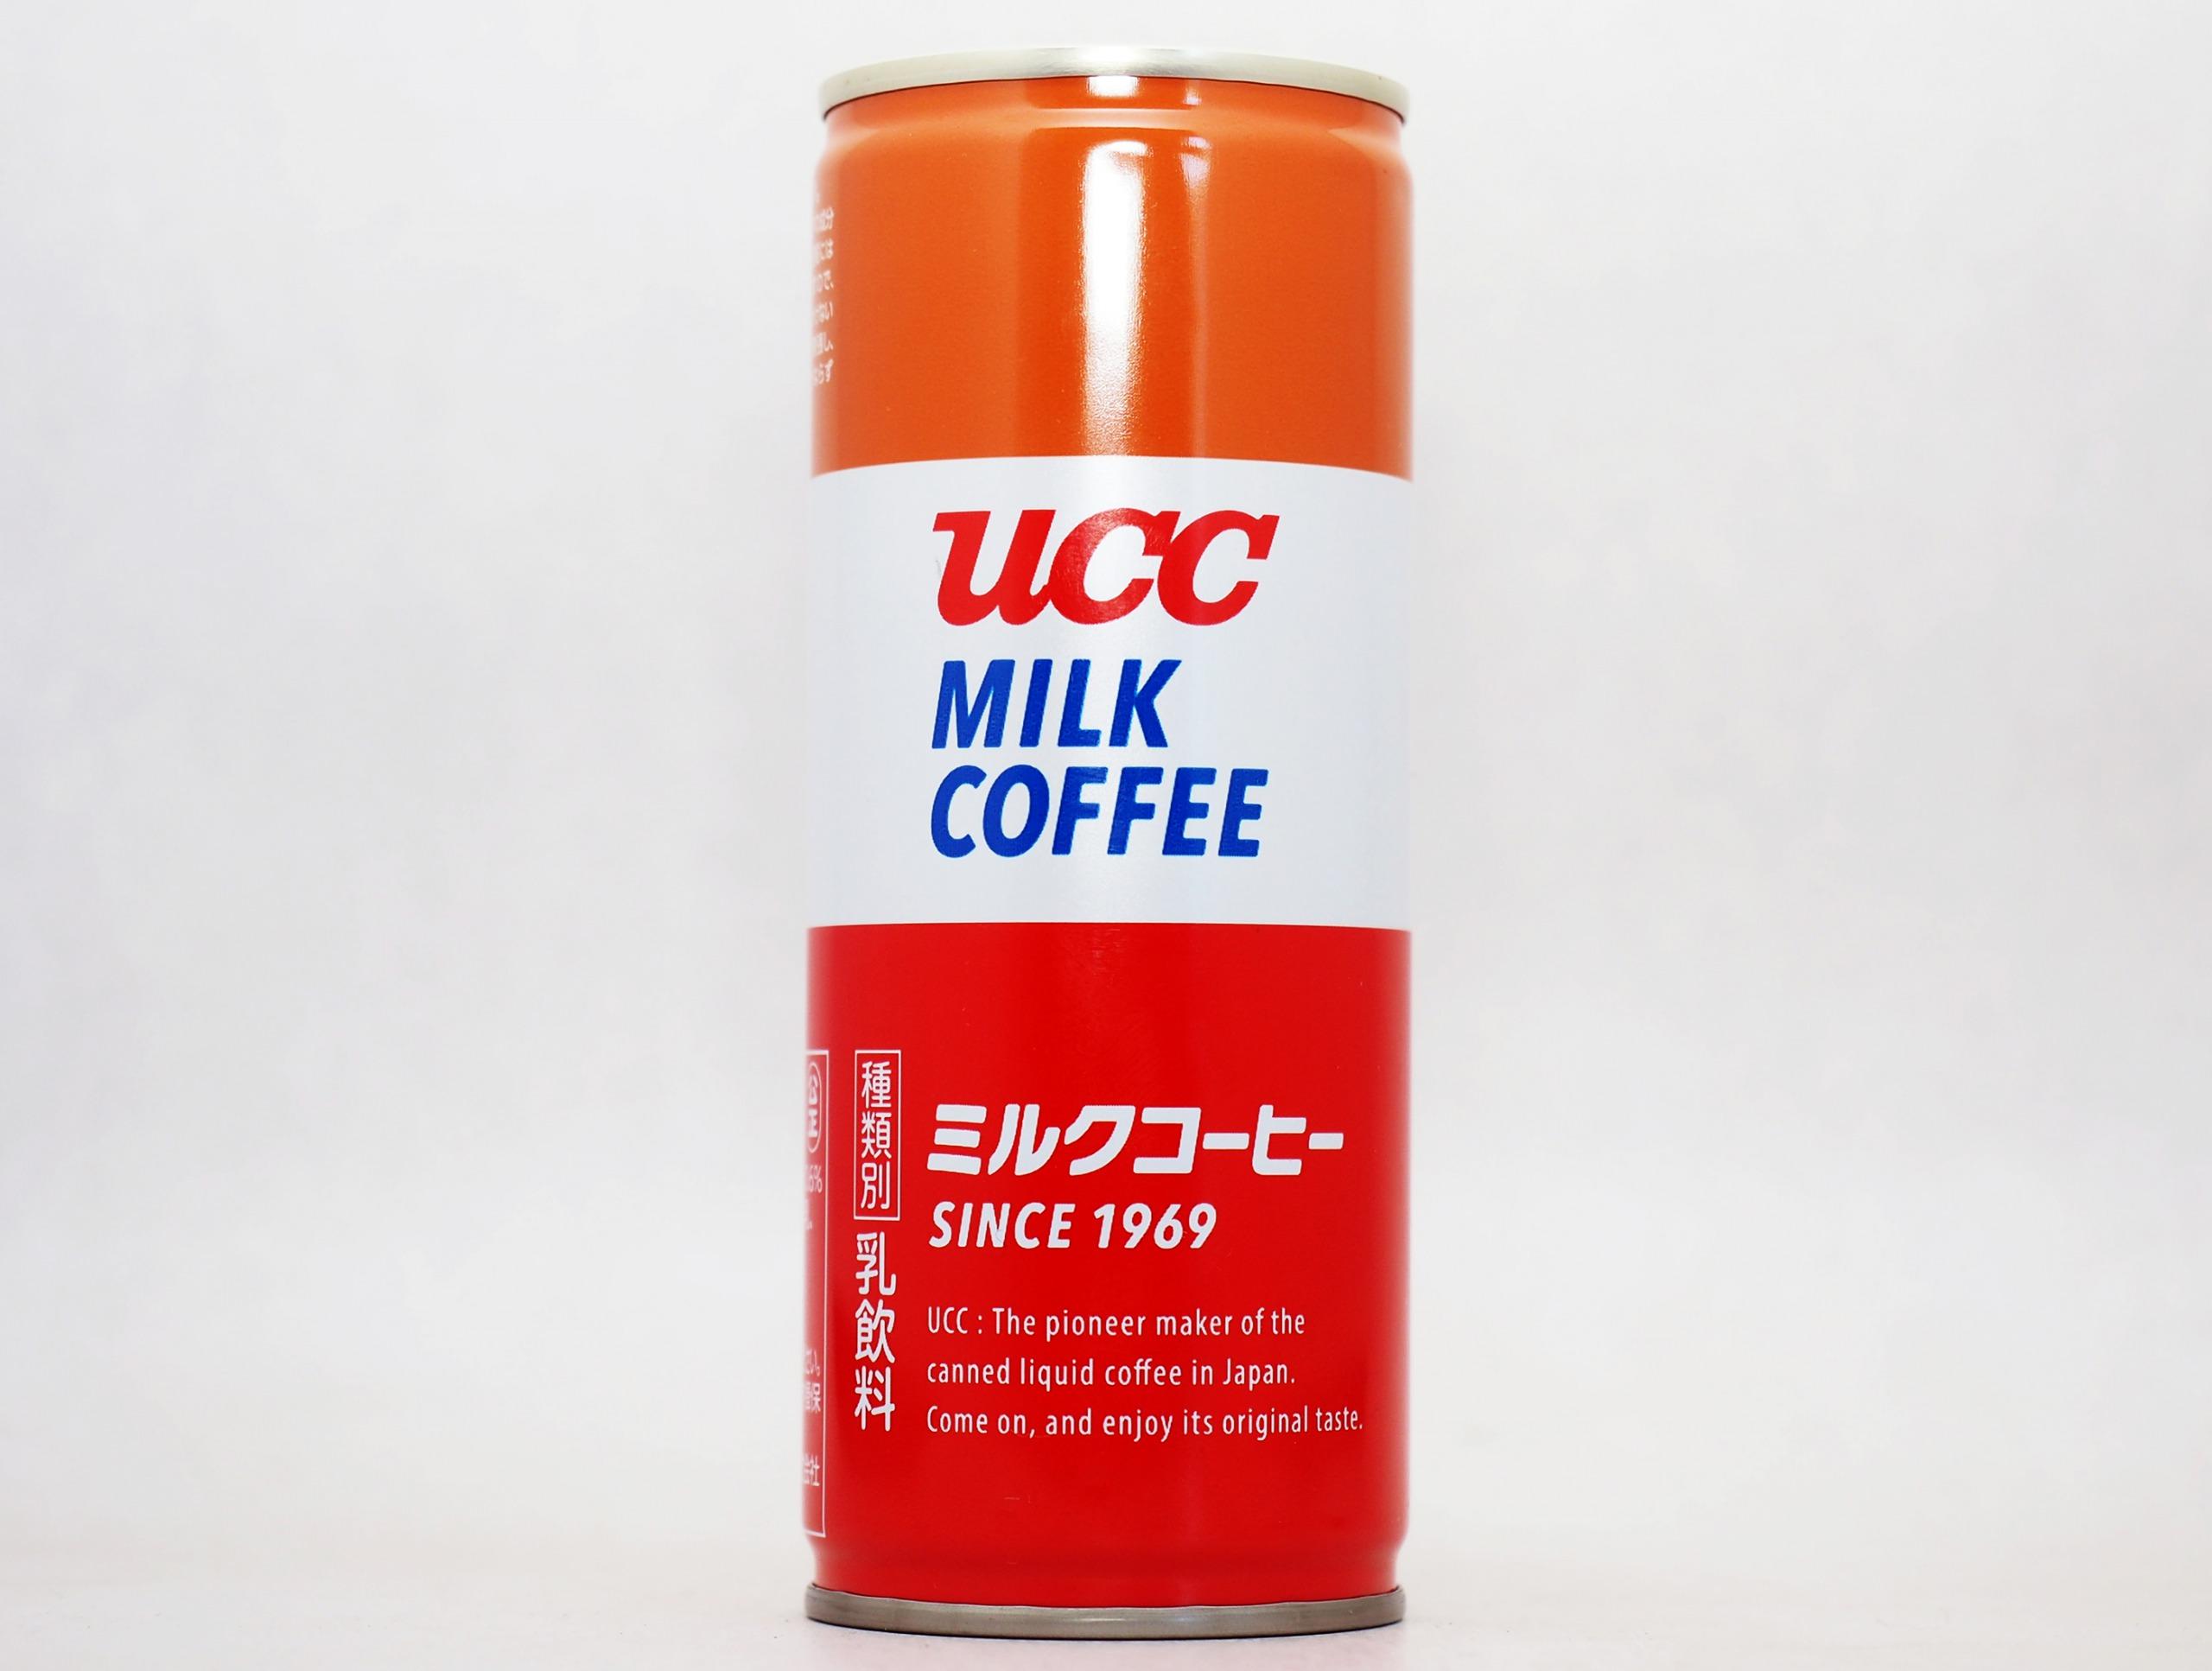 UCC ミルクコーヒー 2020年